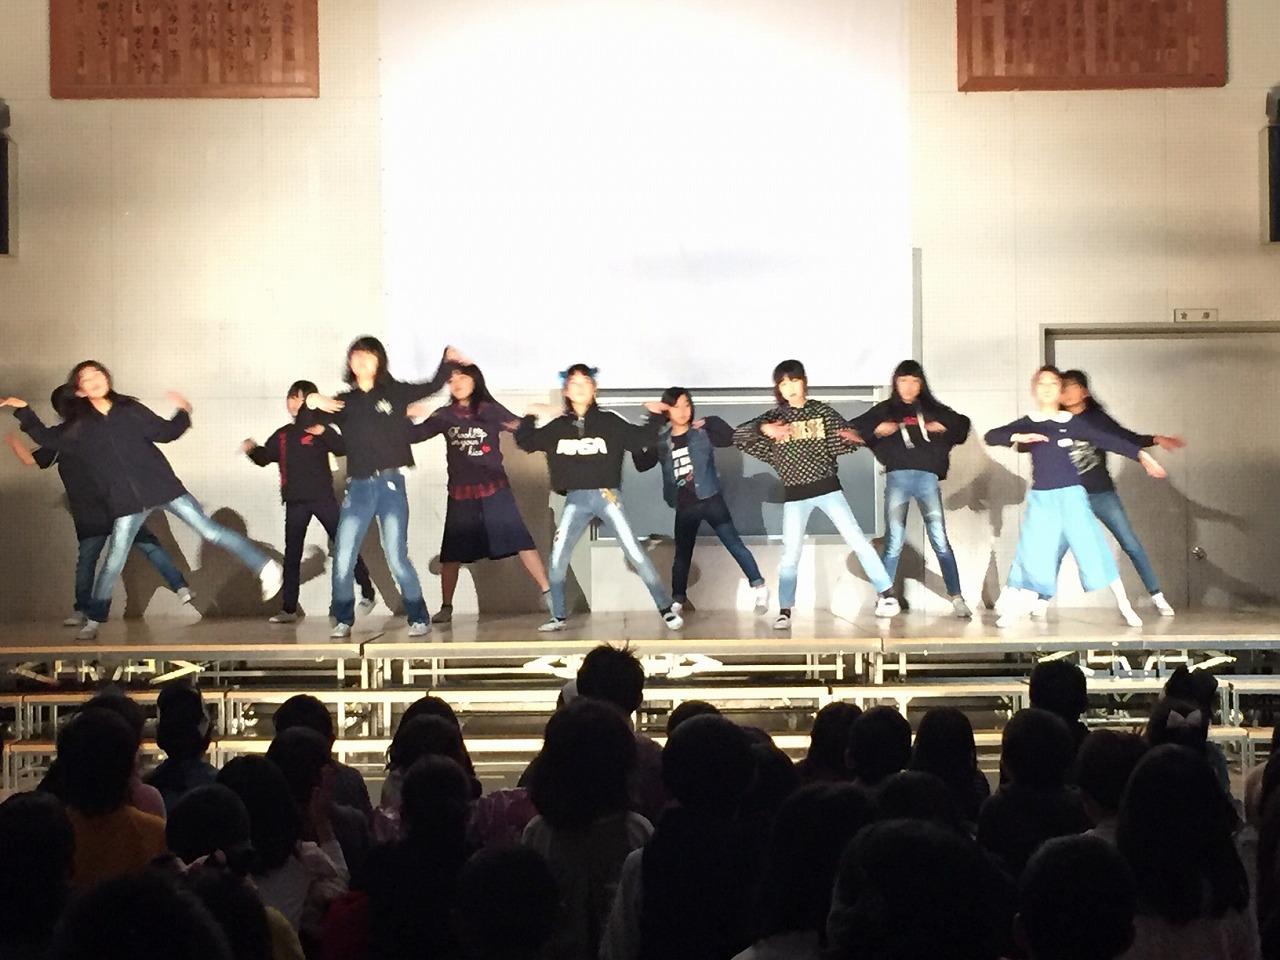 ダンスクラブのダンス